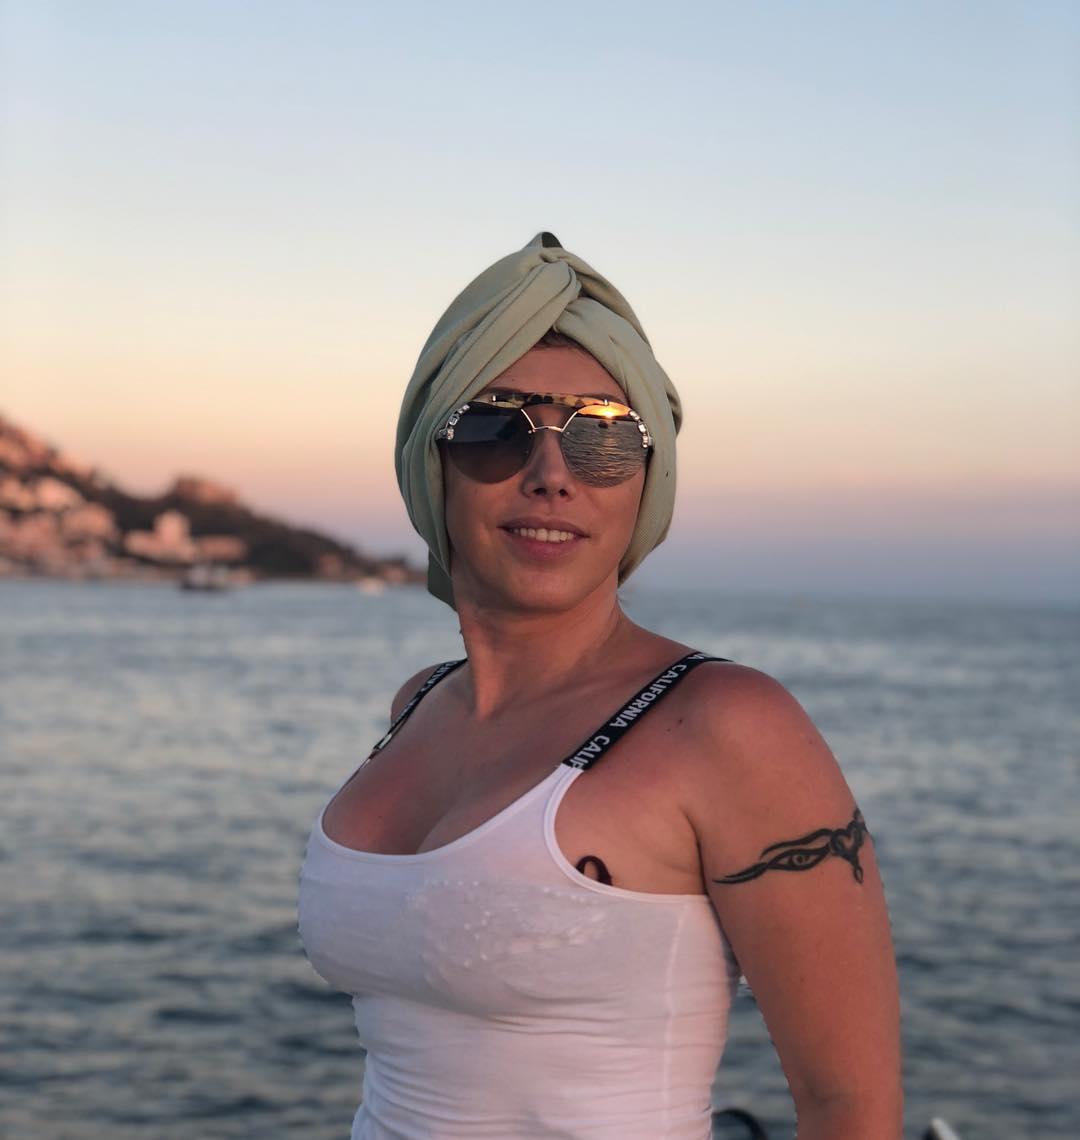 https://obaldela.ru/wp-content/uploads/2018/06/vorobei_elena_874559545344_n.jpg